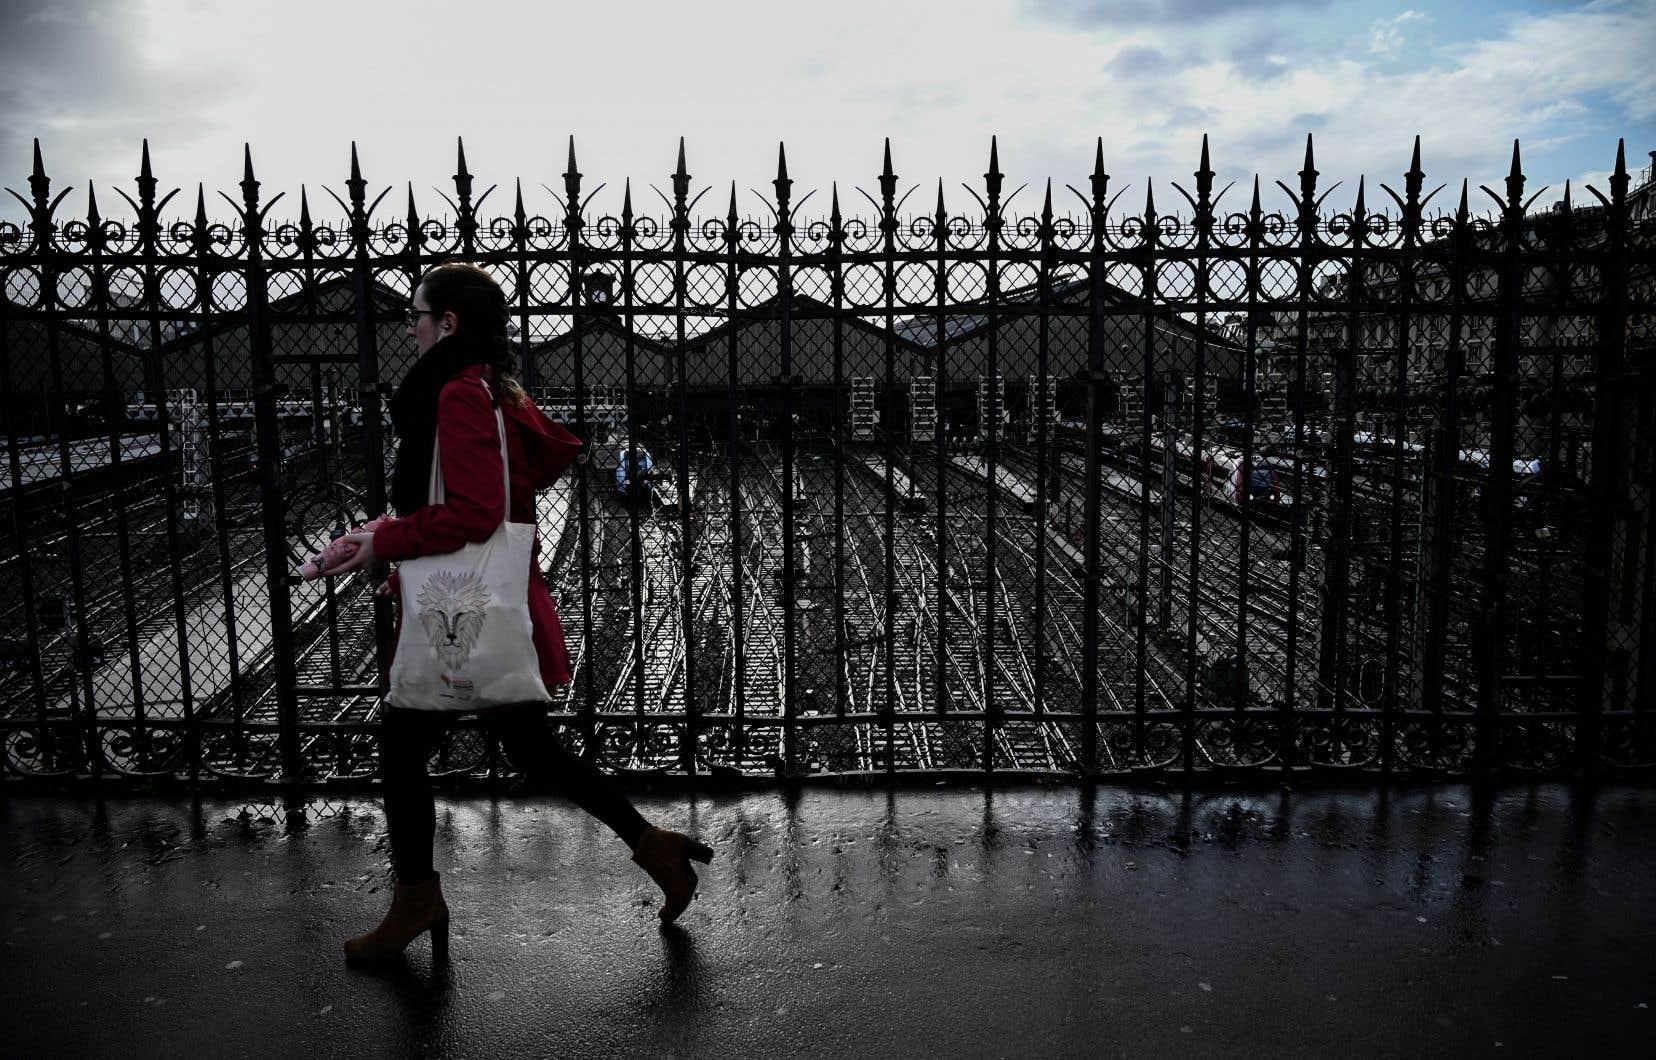 Les difficultés continuent pour les usagers de la région parisienne, avec toujours neuf lignes du métro fermées. Un quart des trains à grande vitesse et de banlieue circulent.